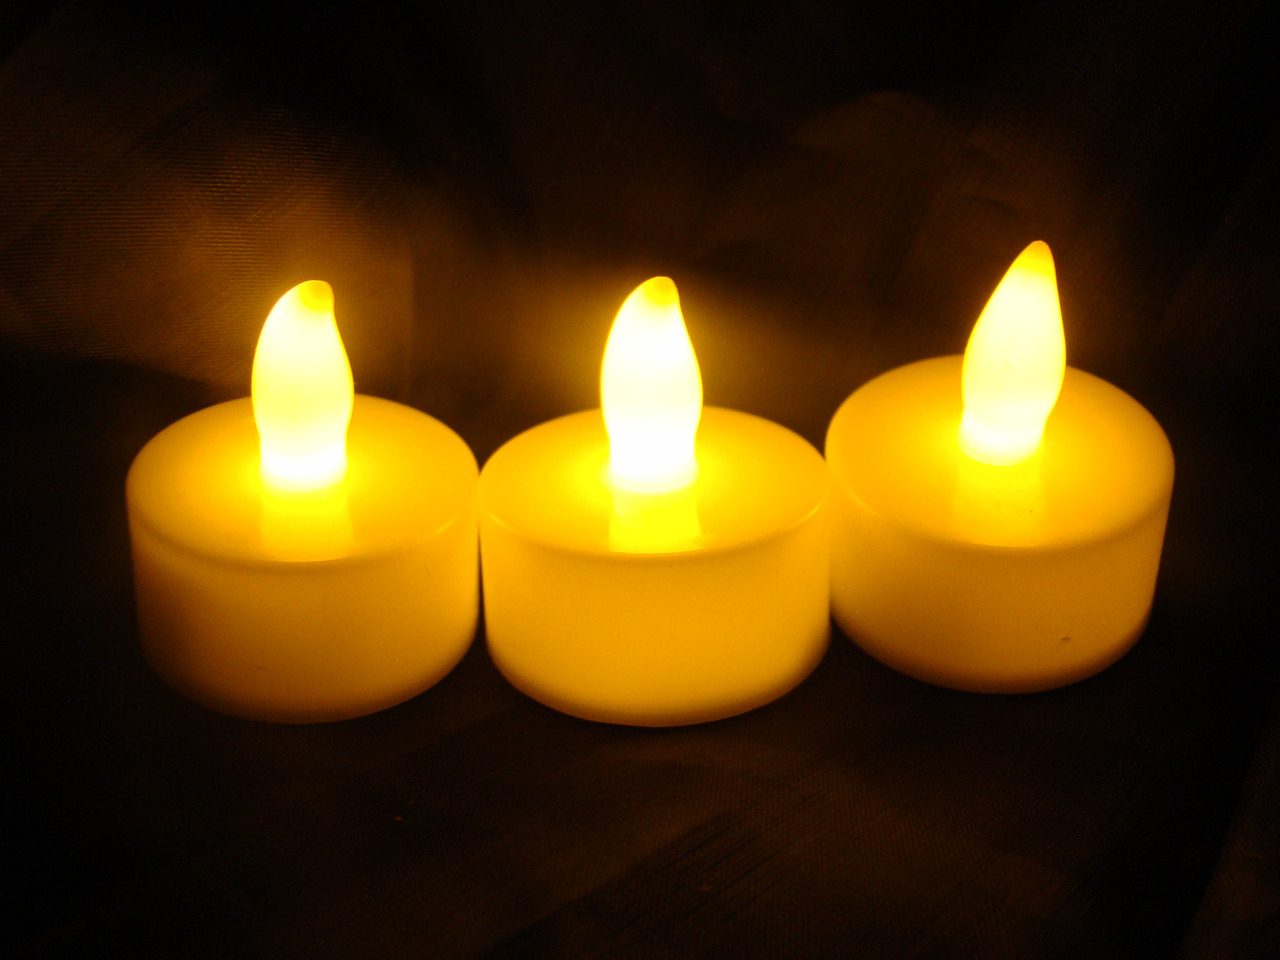 Led свічка  3*1.8 см  . з батарейками    Жовте   світло. Чайна свічка